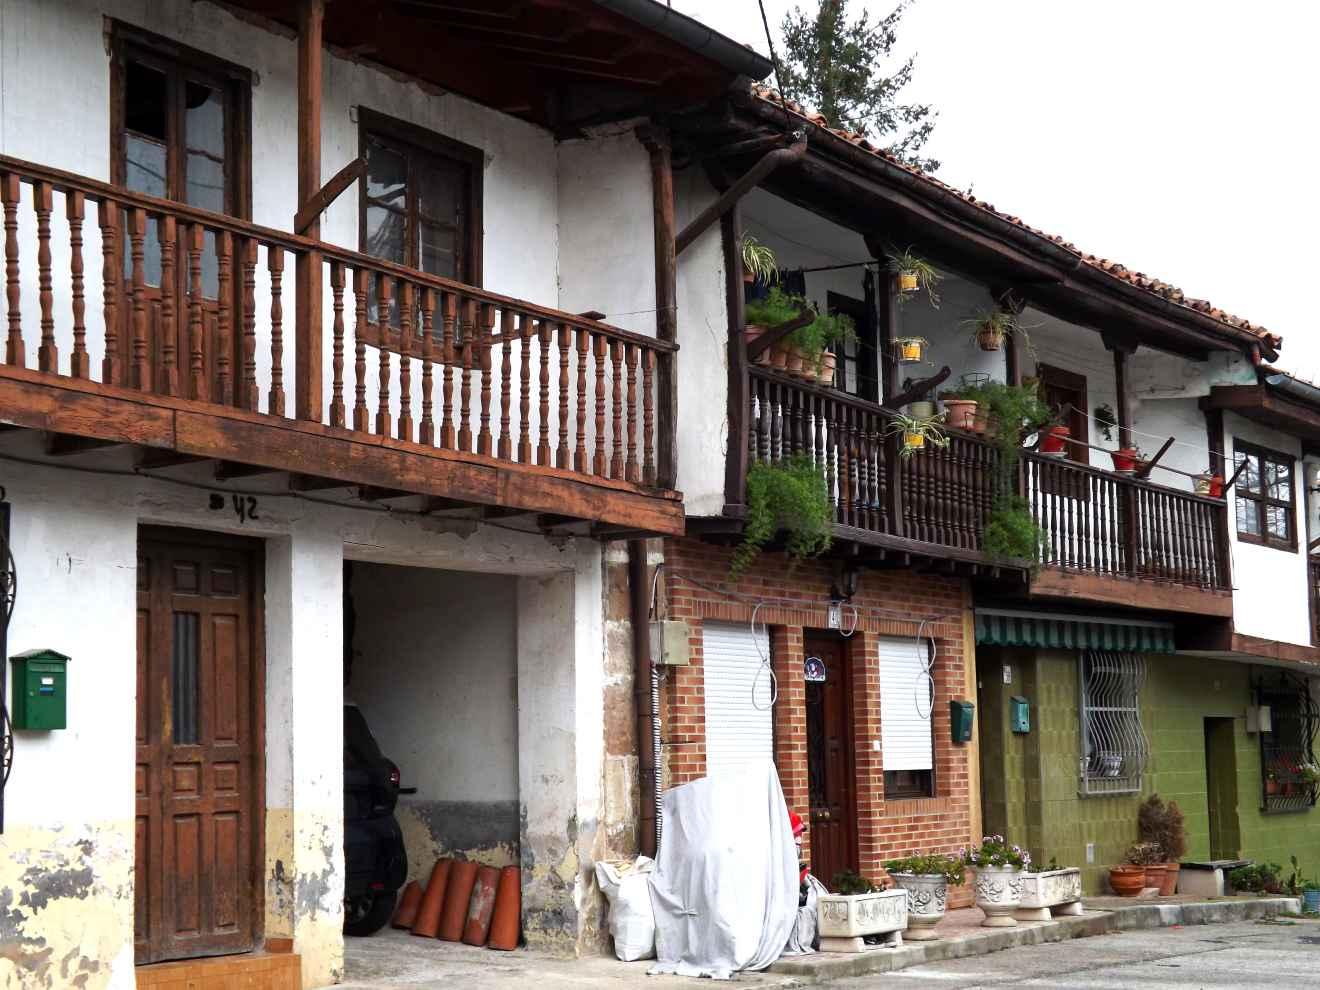 Casas en Tresano